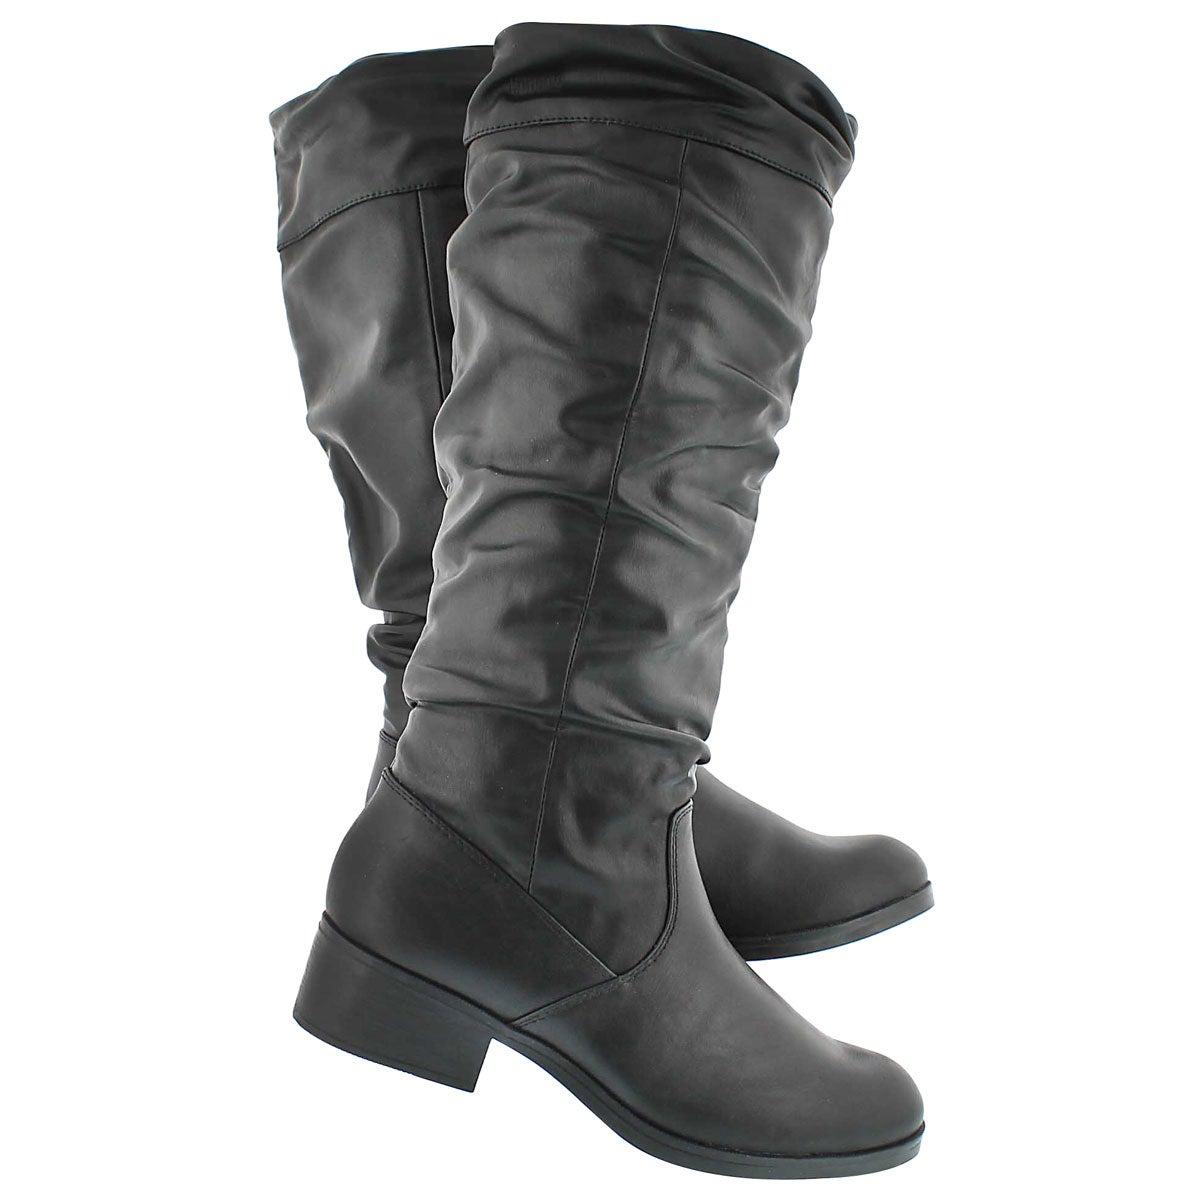 Lds Carla black wtpf tall dress boot